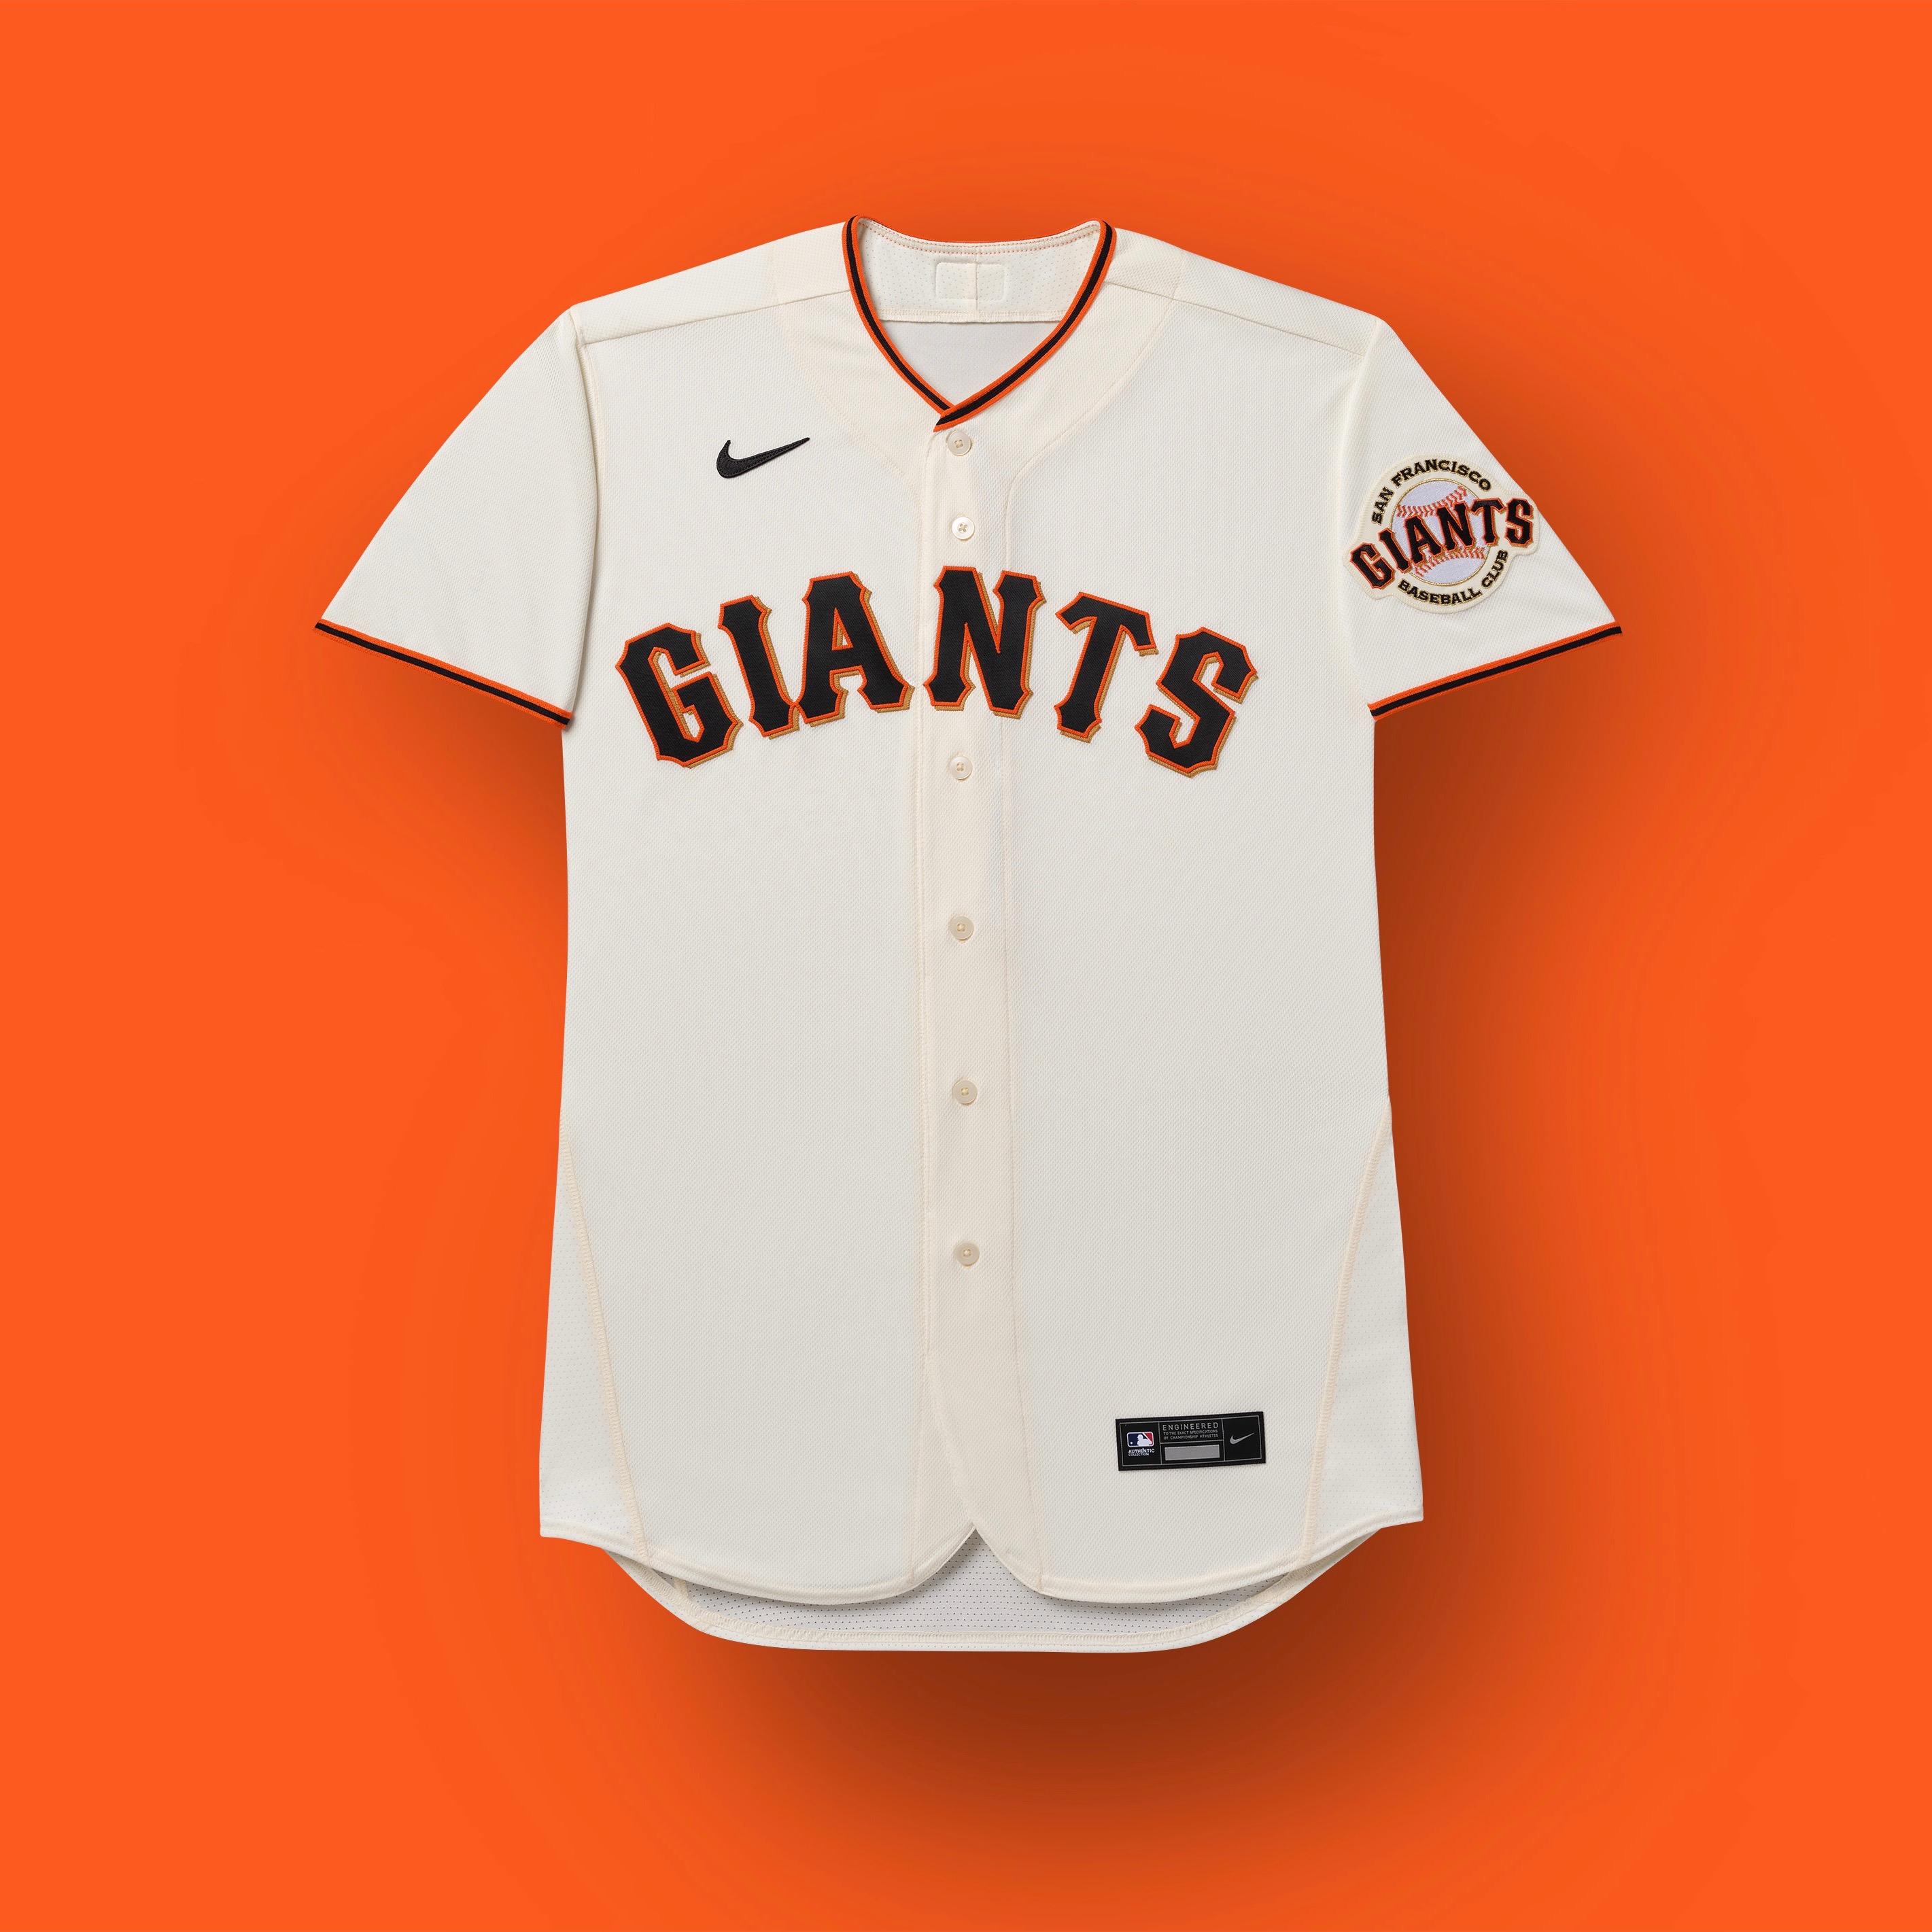 uniforme de los gigantes de san francisco 2020